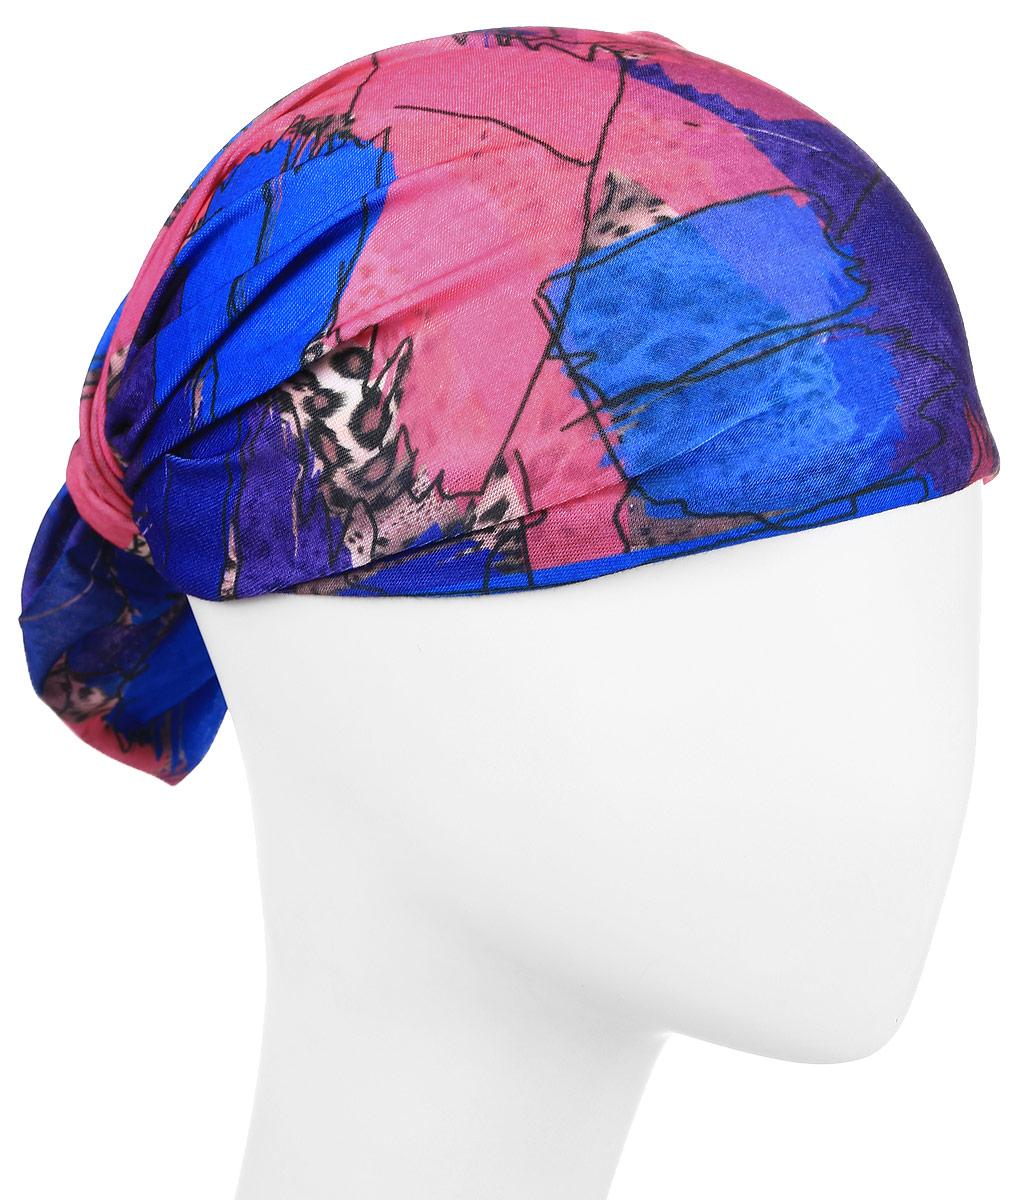 Повязка на голову Maxval, цвет: синий. PoY100223. Размер универсальныйPoY100223Повязка на голову Maxval выполнена из хлопка с эластаном в яркой цветовой гамме. Размер универсальный. Возможны различные варианты носки.